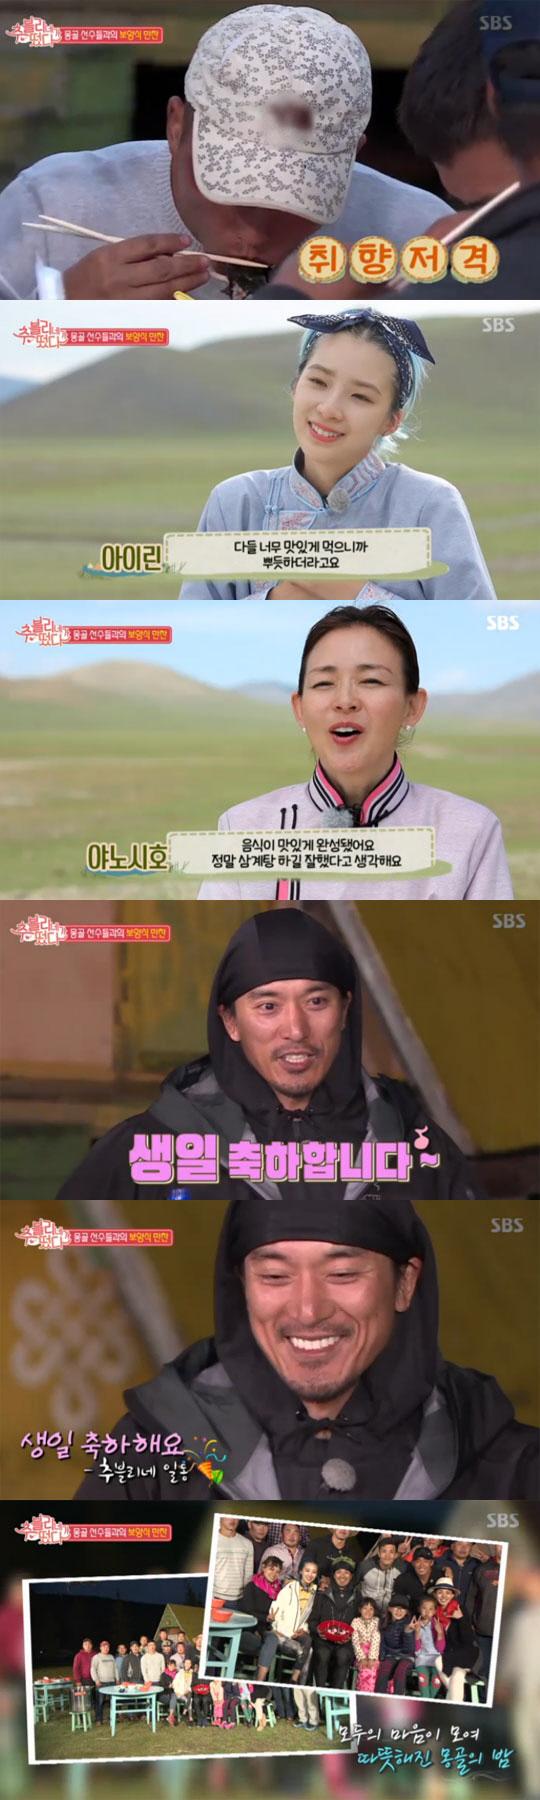 '추블리네' 쌍화 삼계탕 대성공…김민준 '깜짝 생일파티'